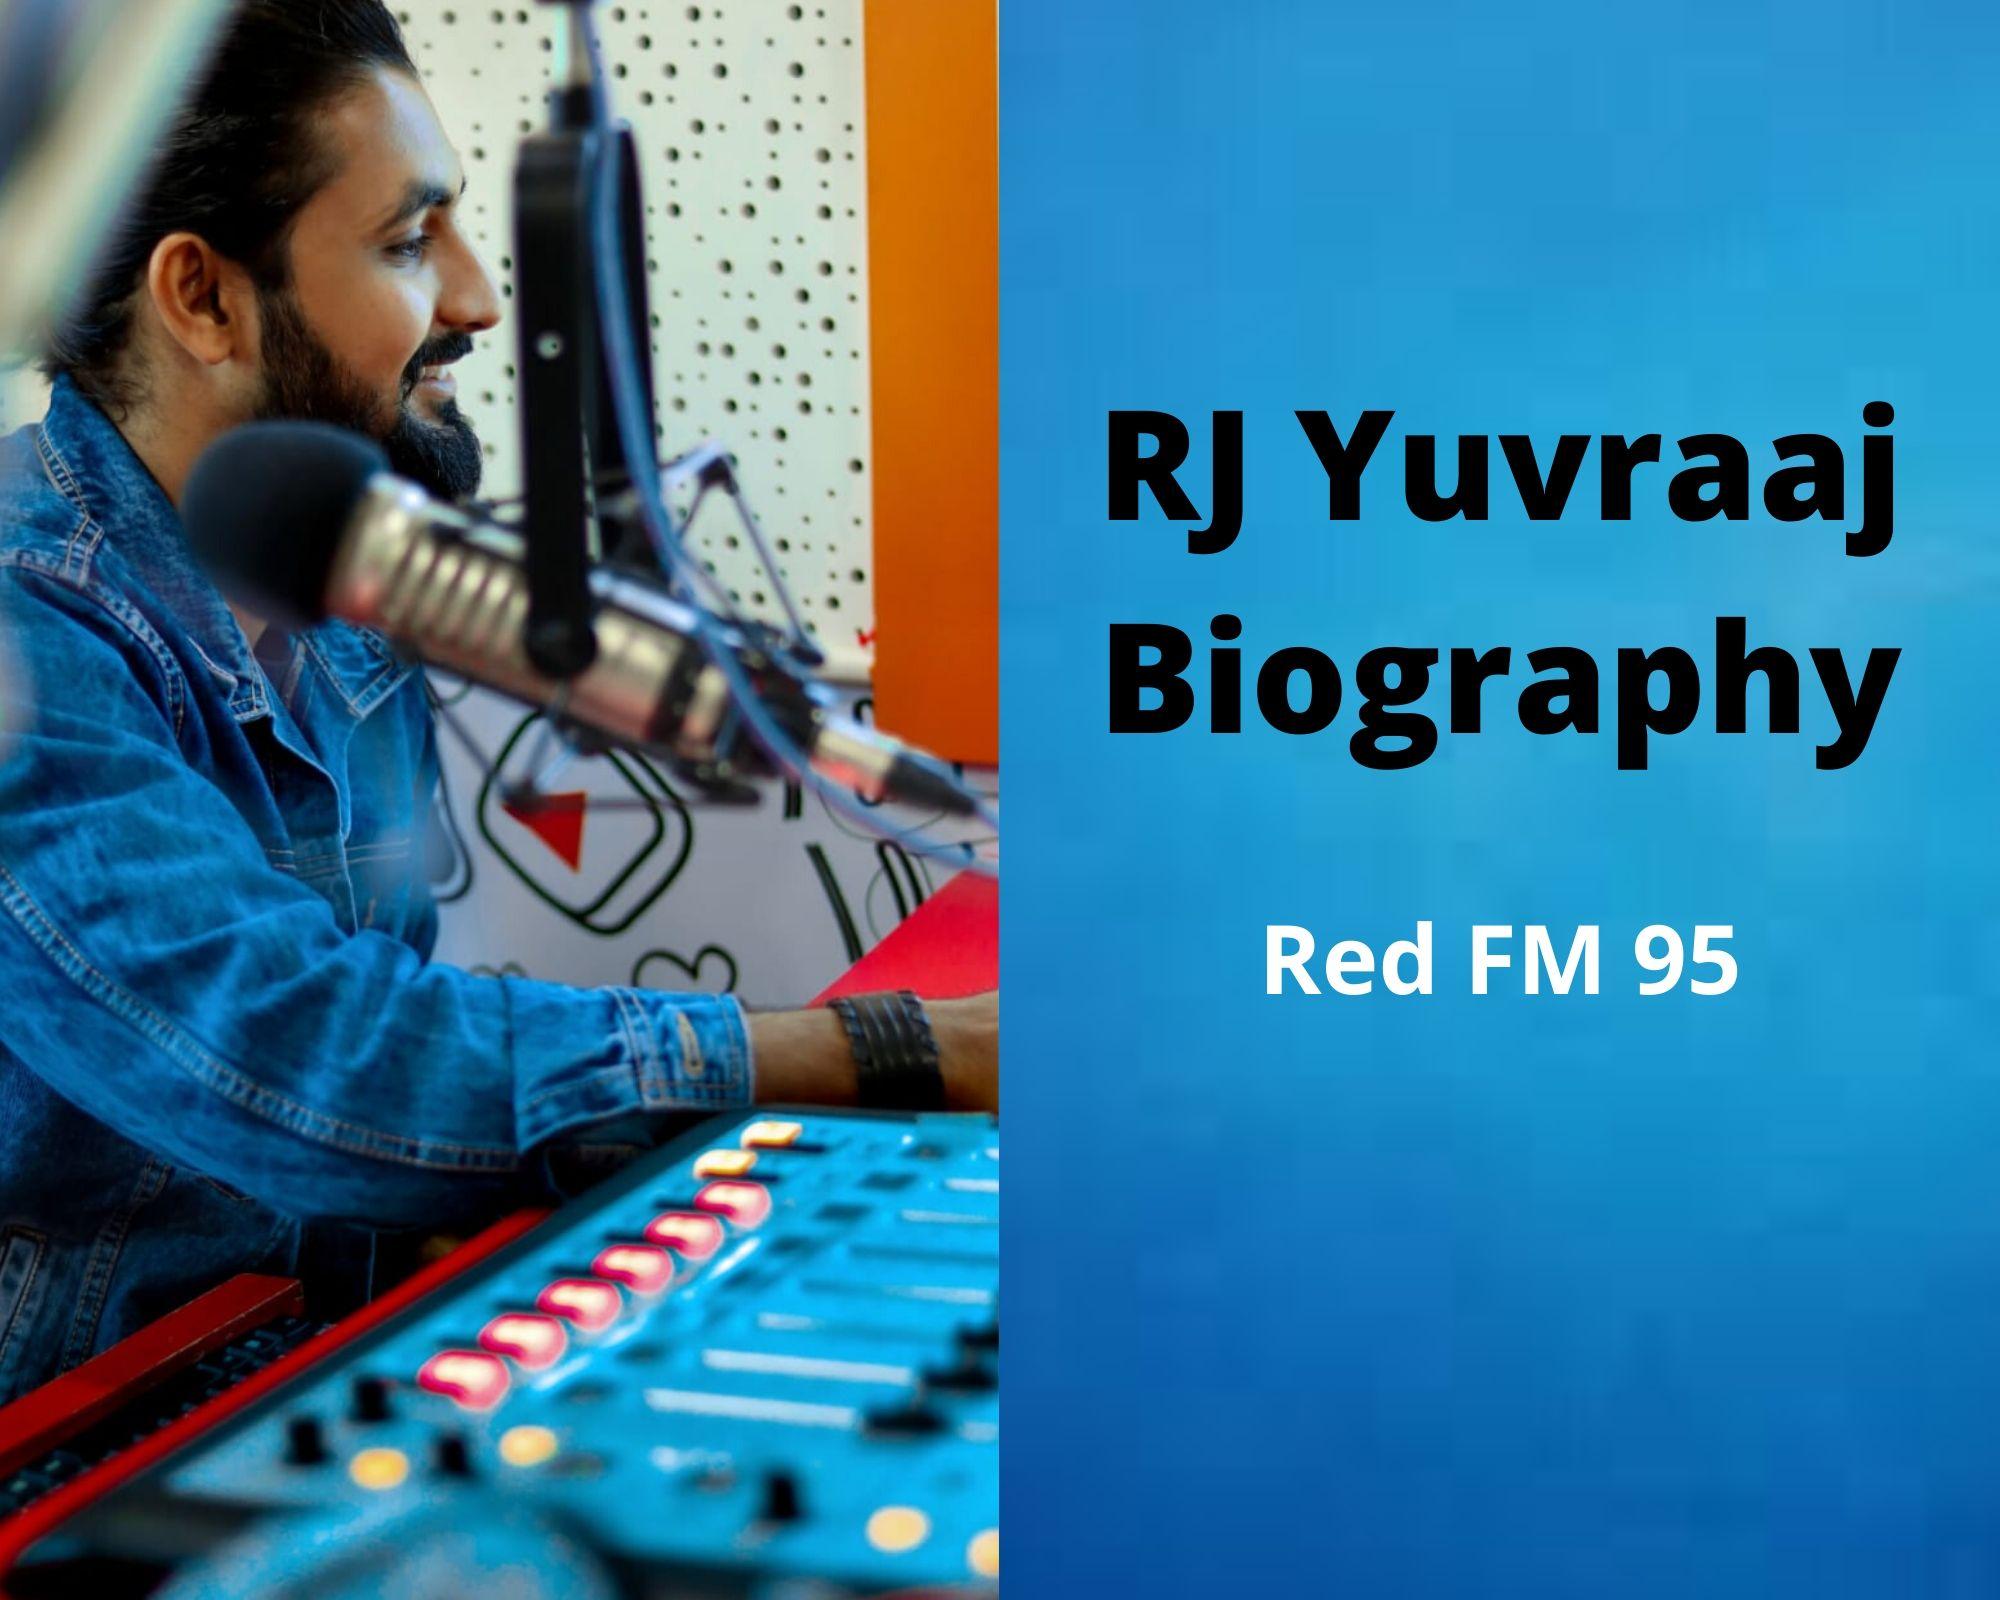 RJ Yuvraaj Biography